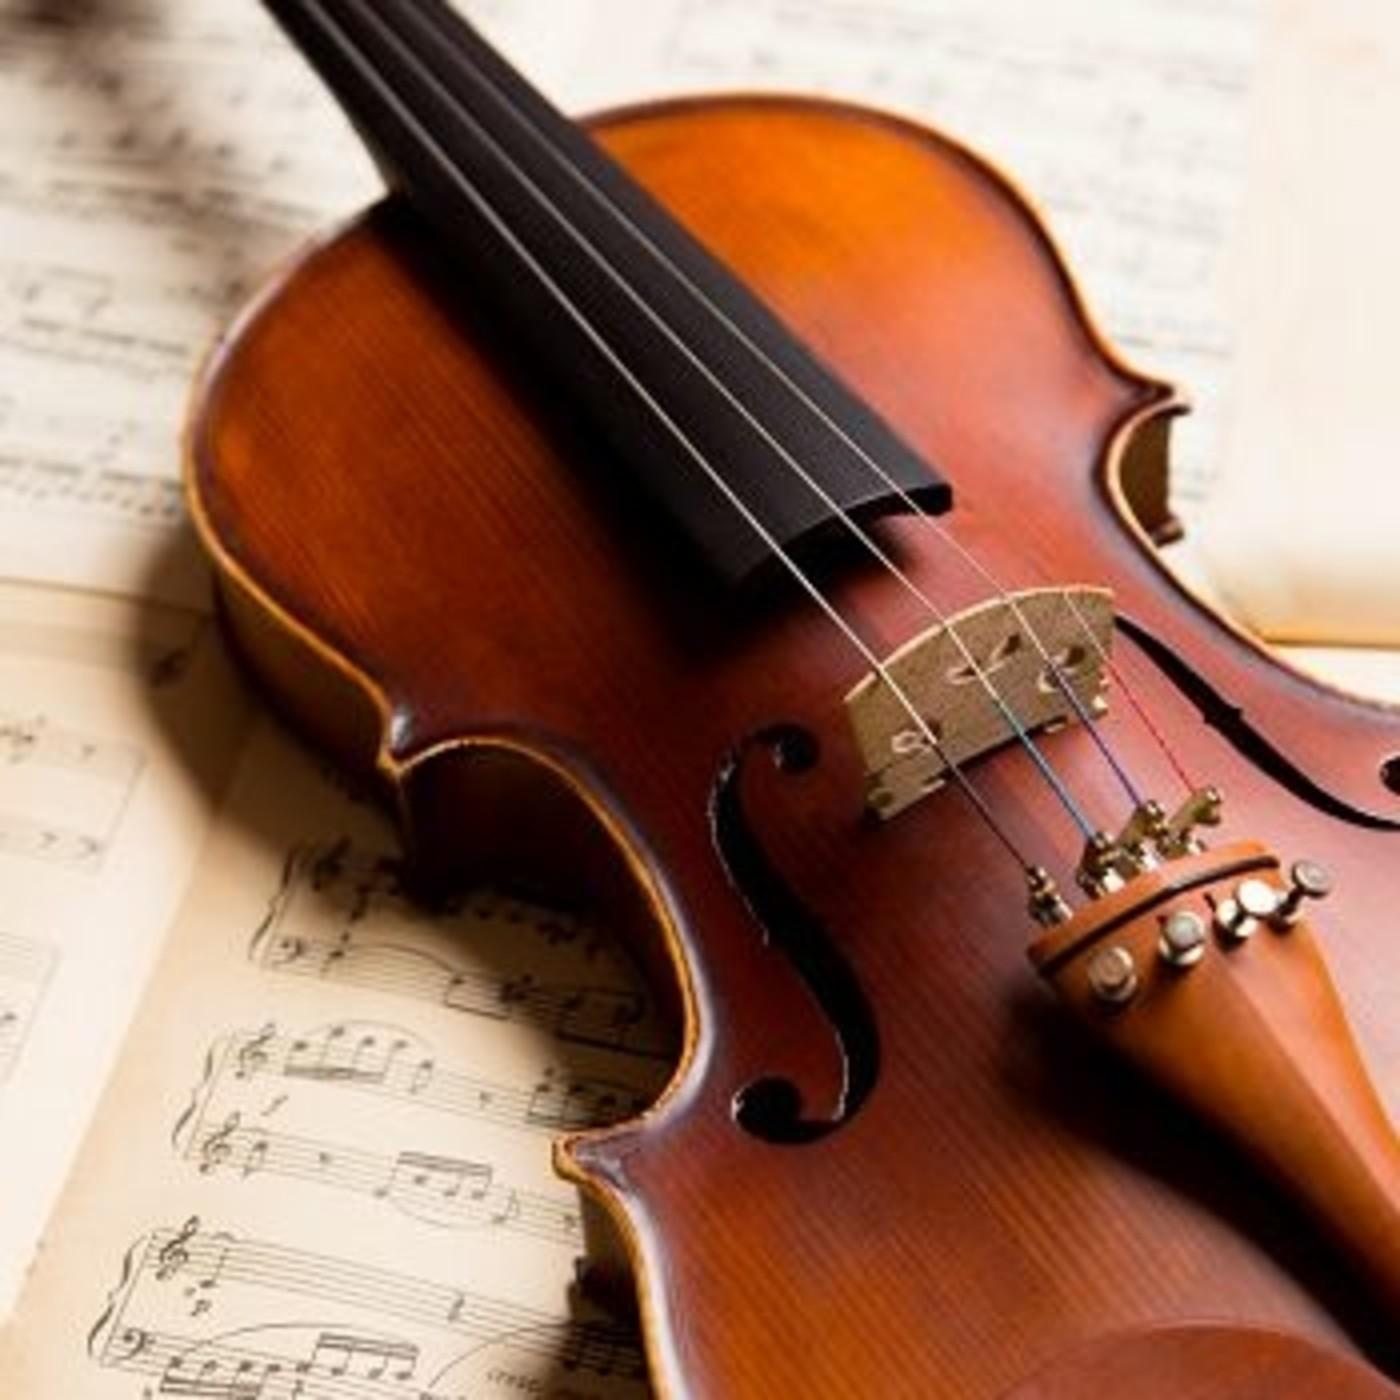 Novena Sinfonía De Beethoven En Podcast Puerma Servicios En Red En Mp3 15 02 A Las 20 24 19 23 40 23809020 Ivoox